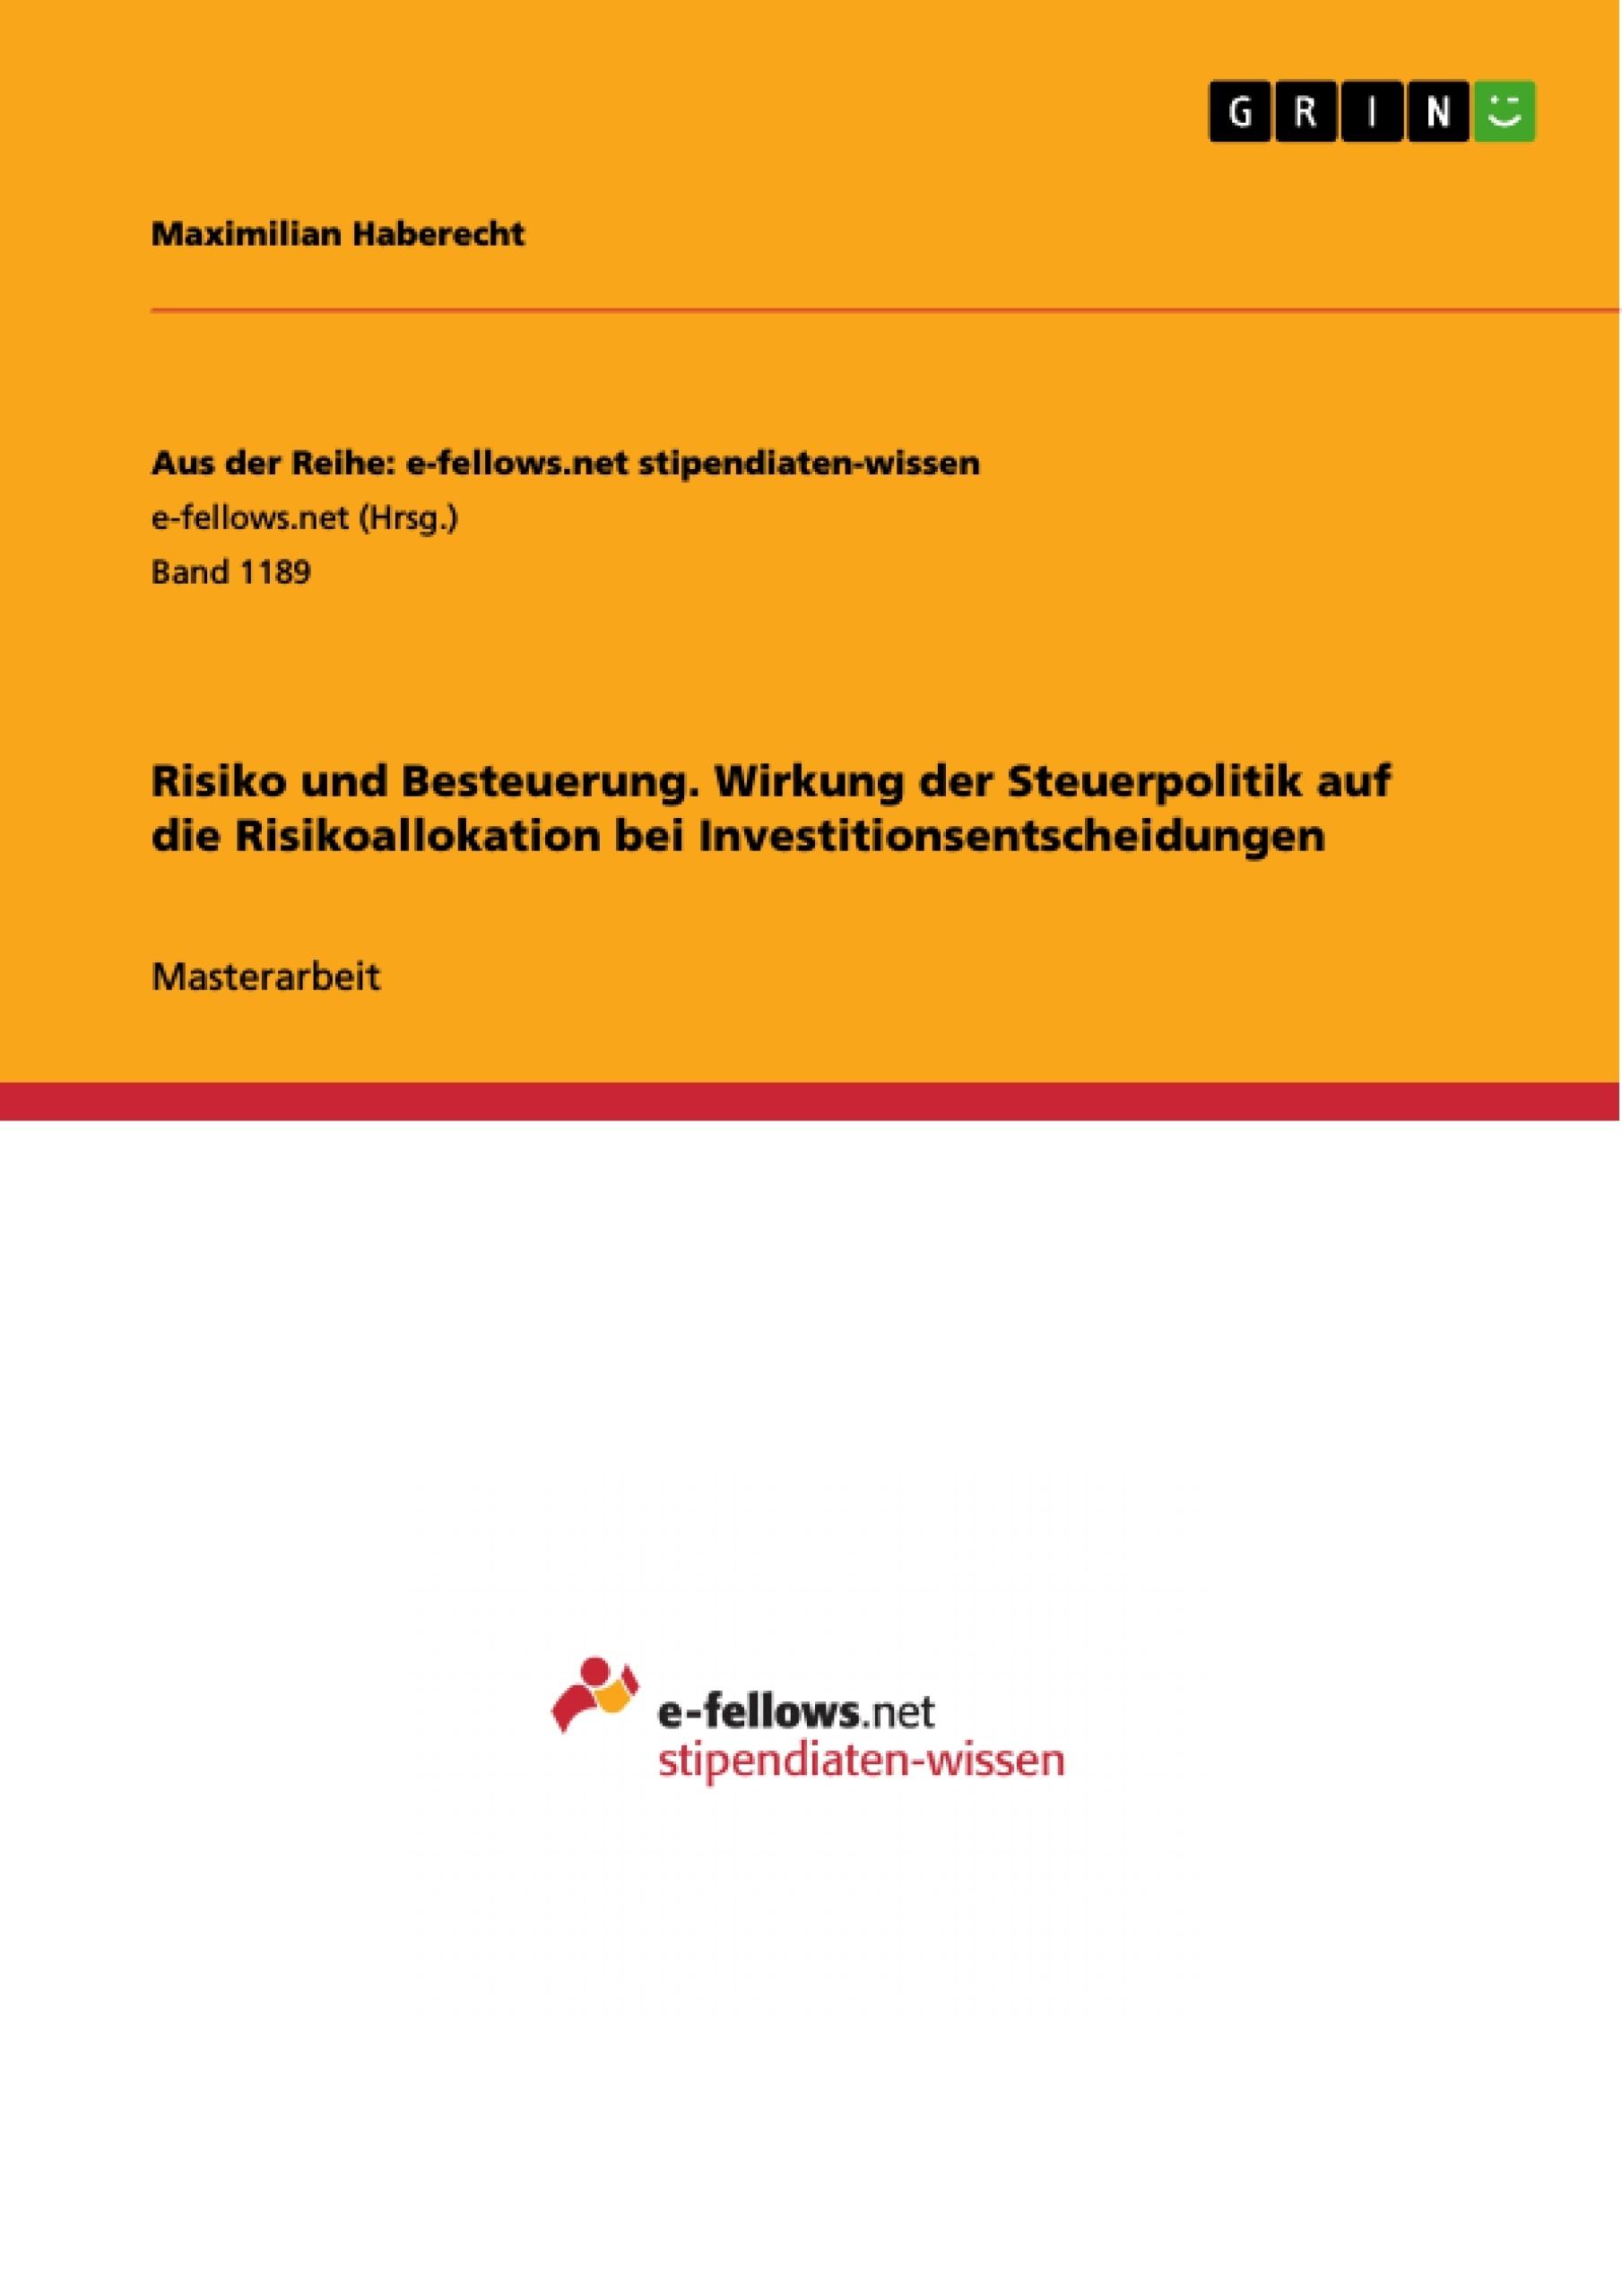 Diplomarbeiten24 de - Risiko und Besteuerung  Wirkung der Steuerpolitik auf  die Risikoallokation bei Investitionsentscheidungen